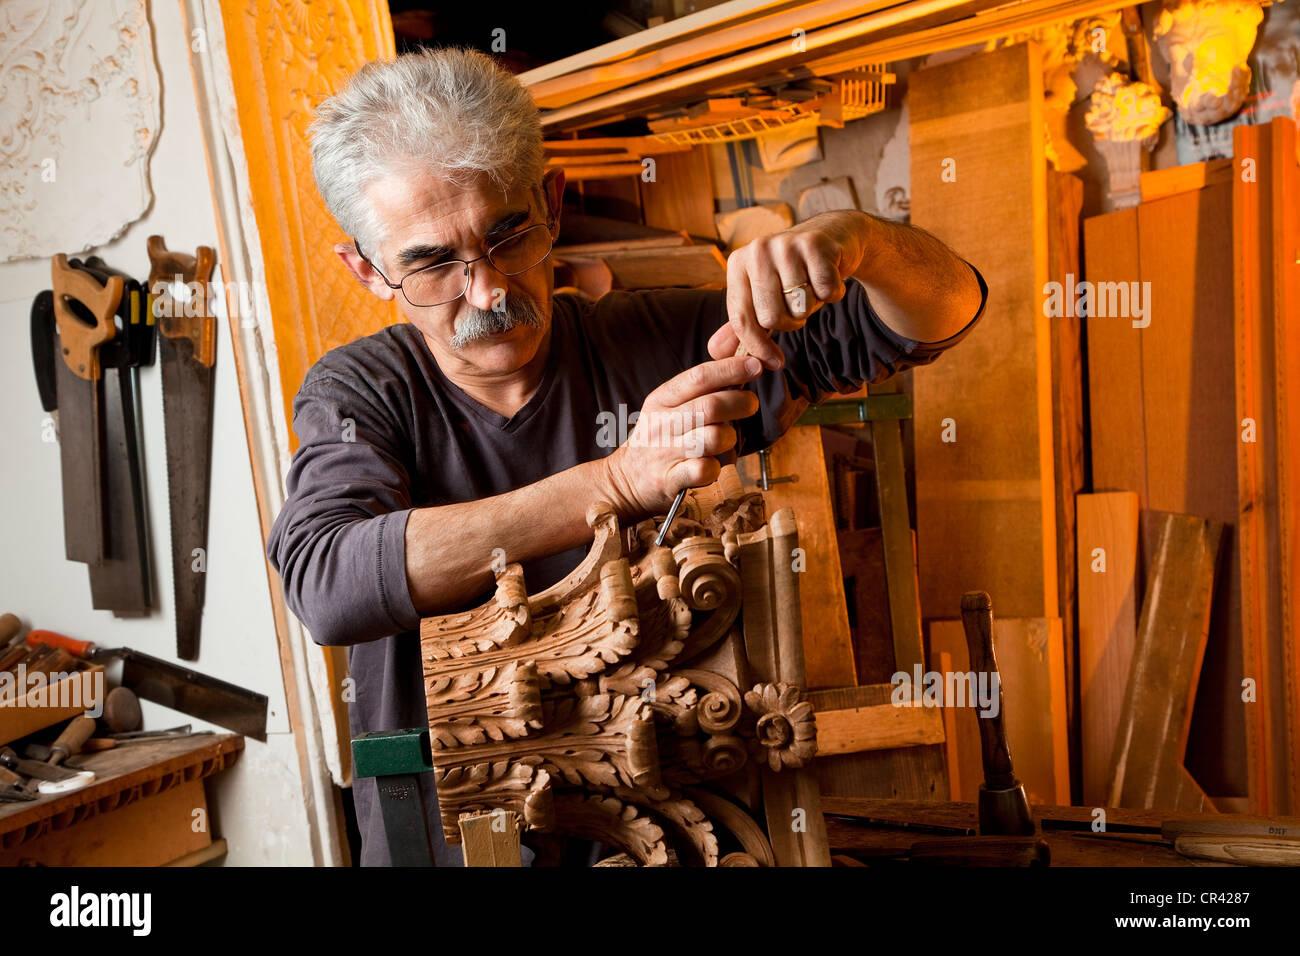 Wood Sculptor Stock Photos Wood Sculptor Stock Images Alamy